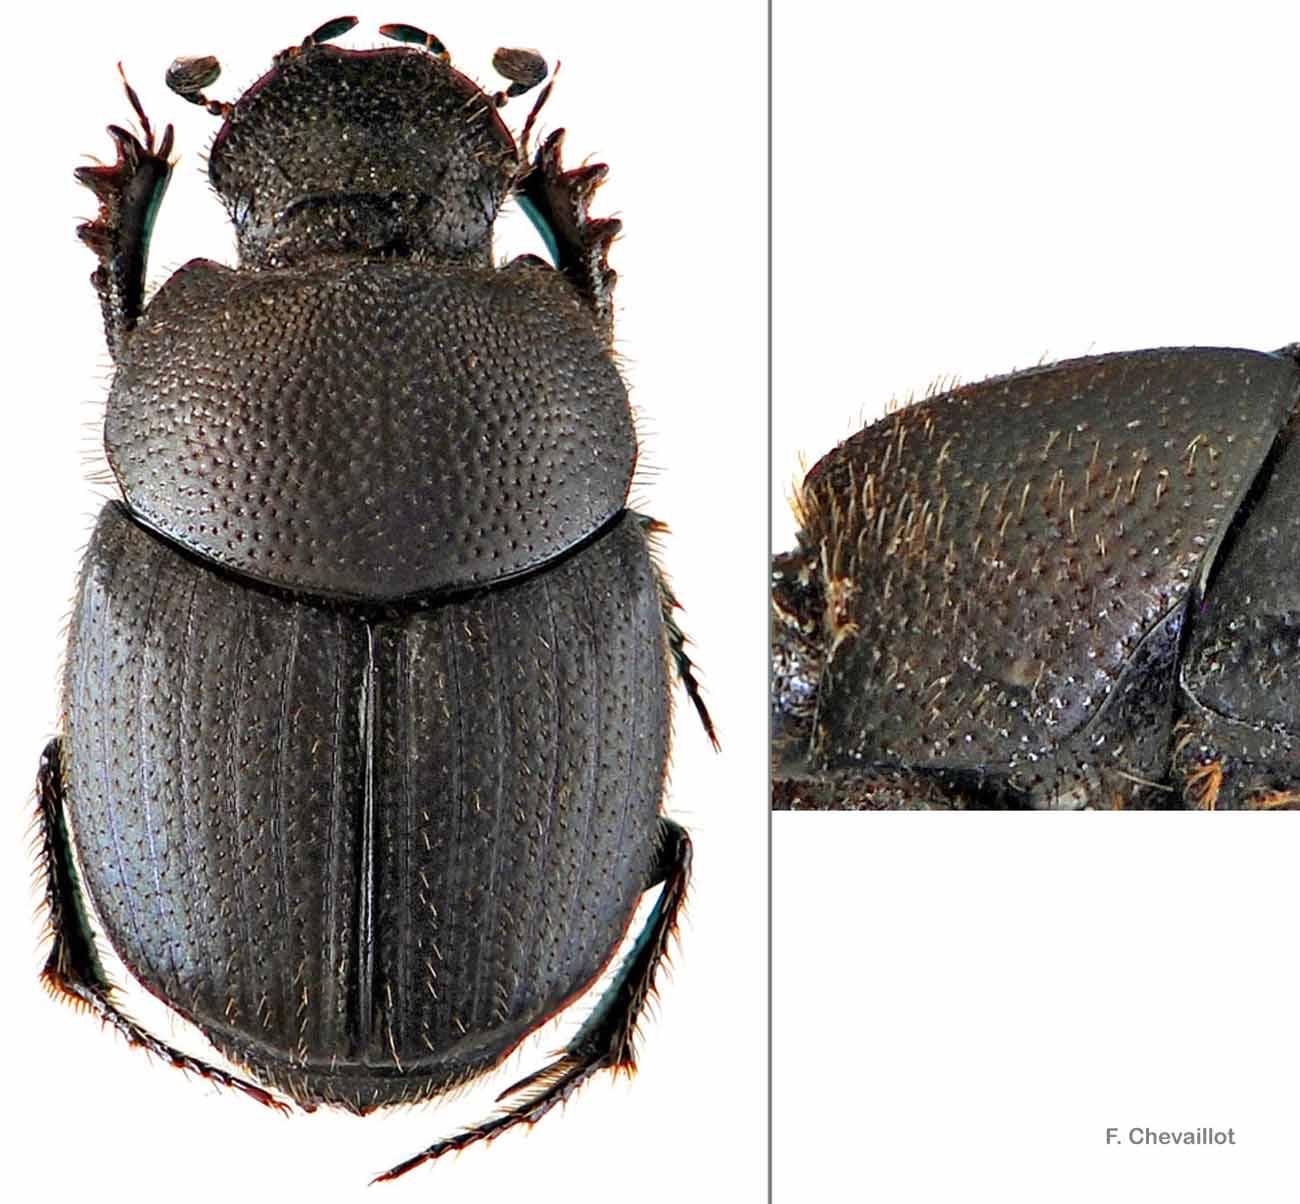 Onthophagus joannae